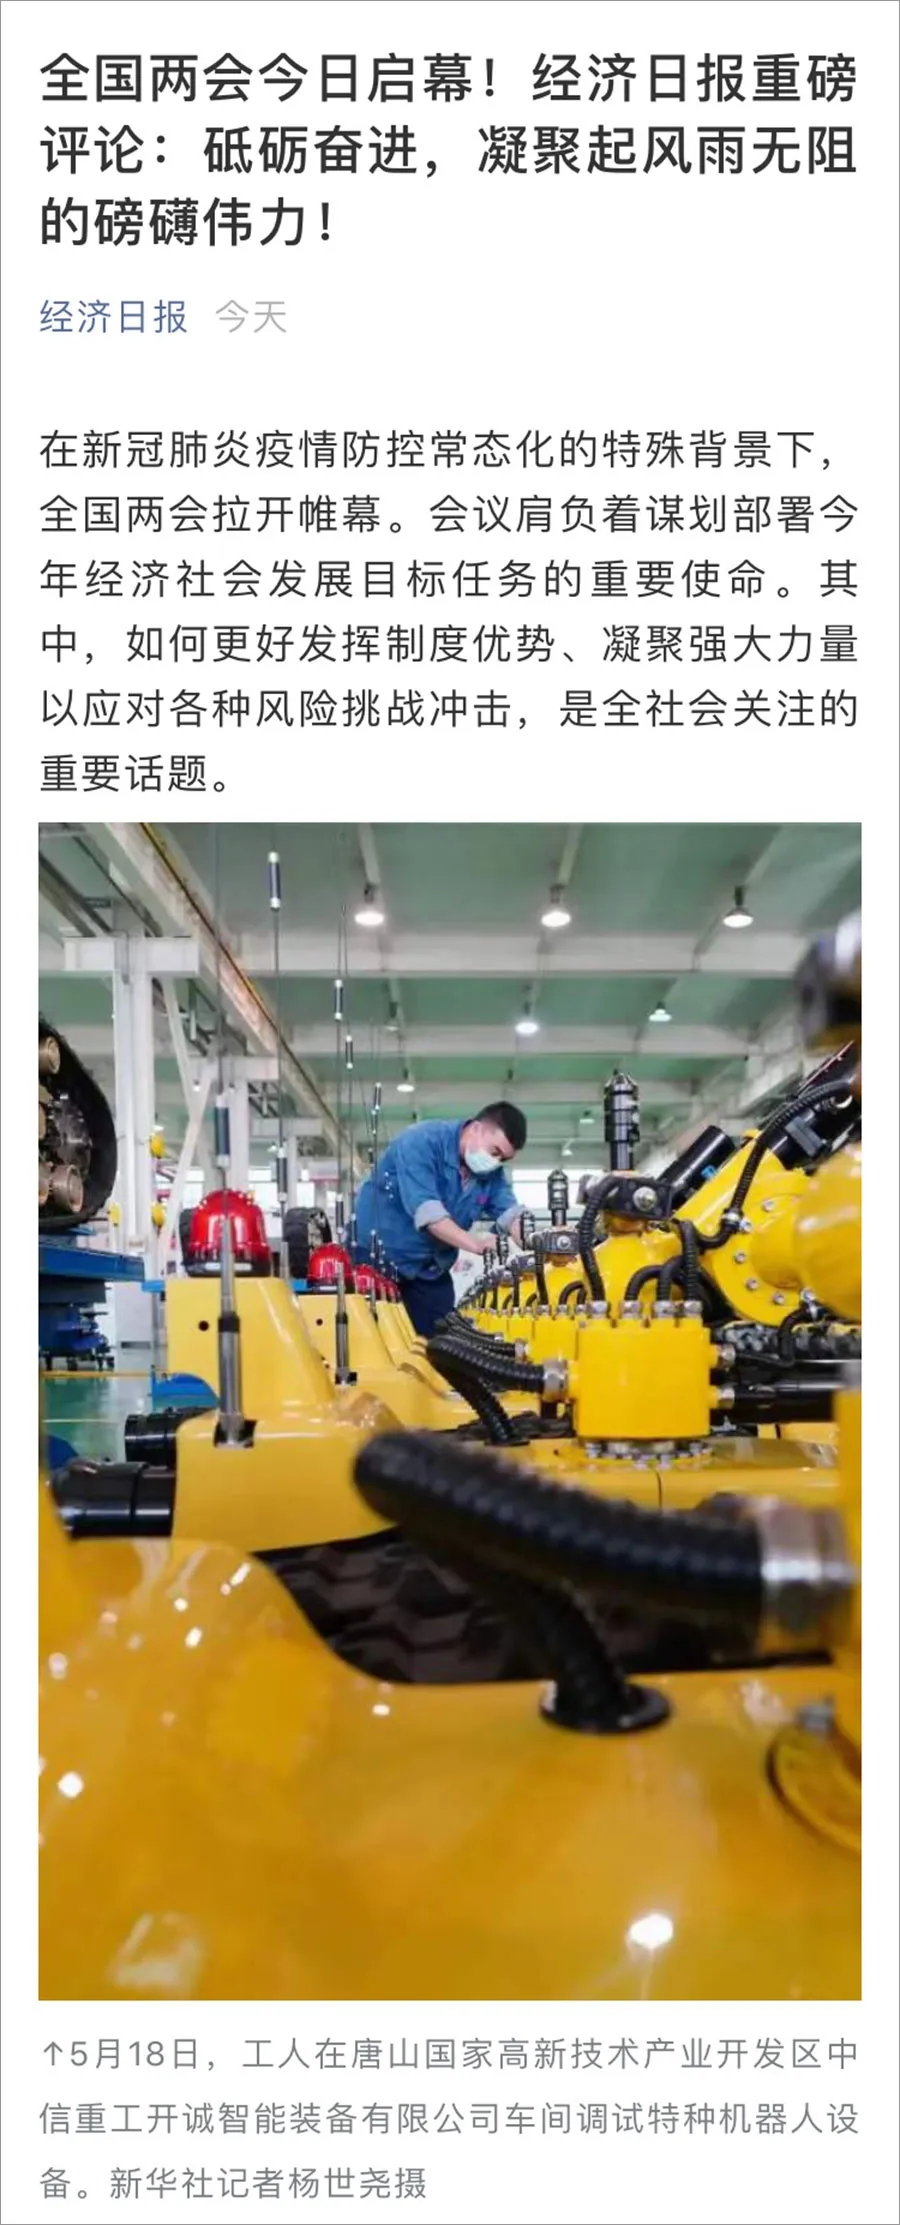 經濟日報.webp